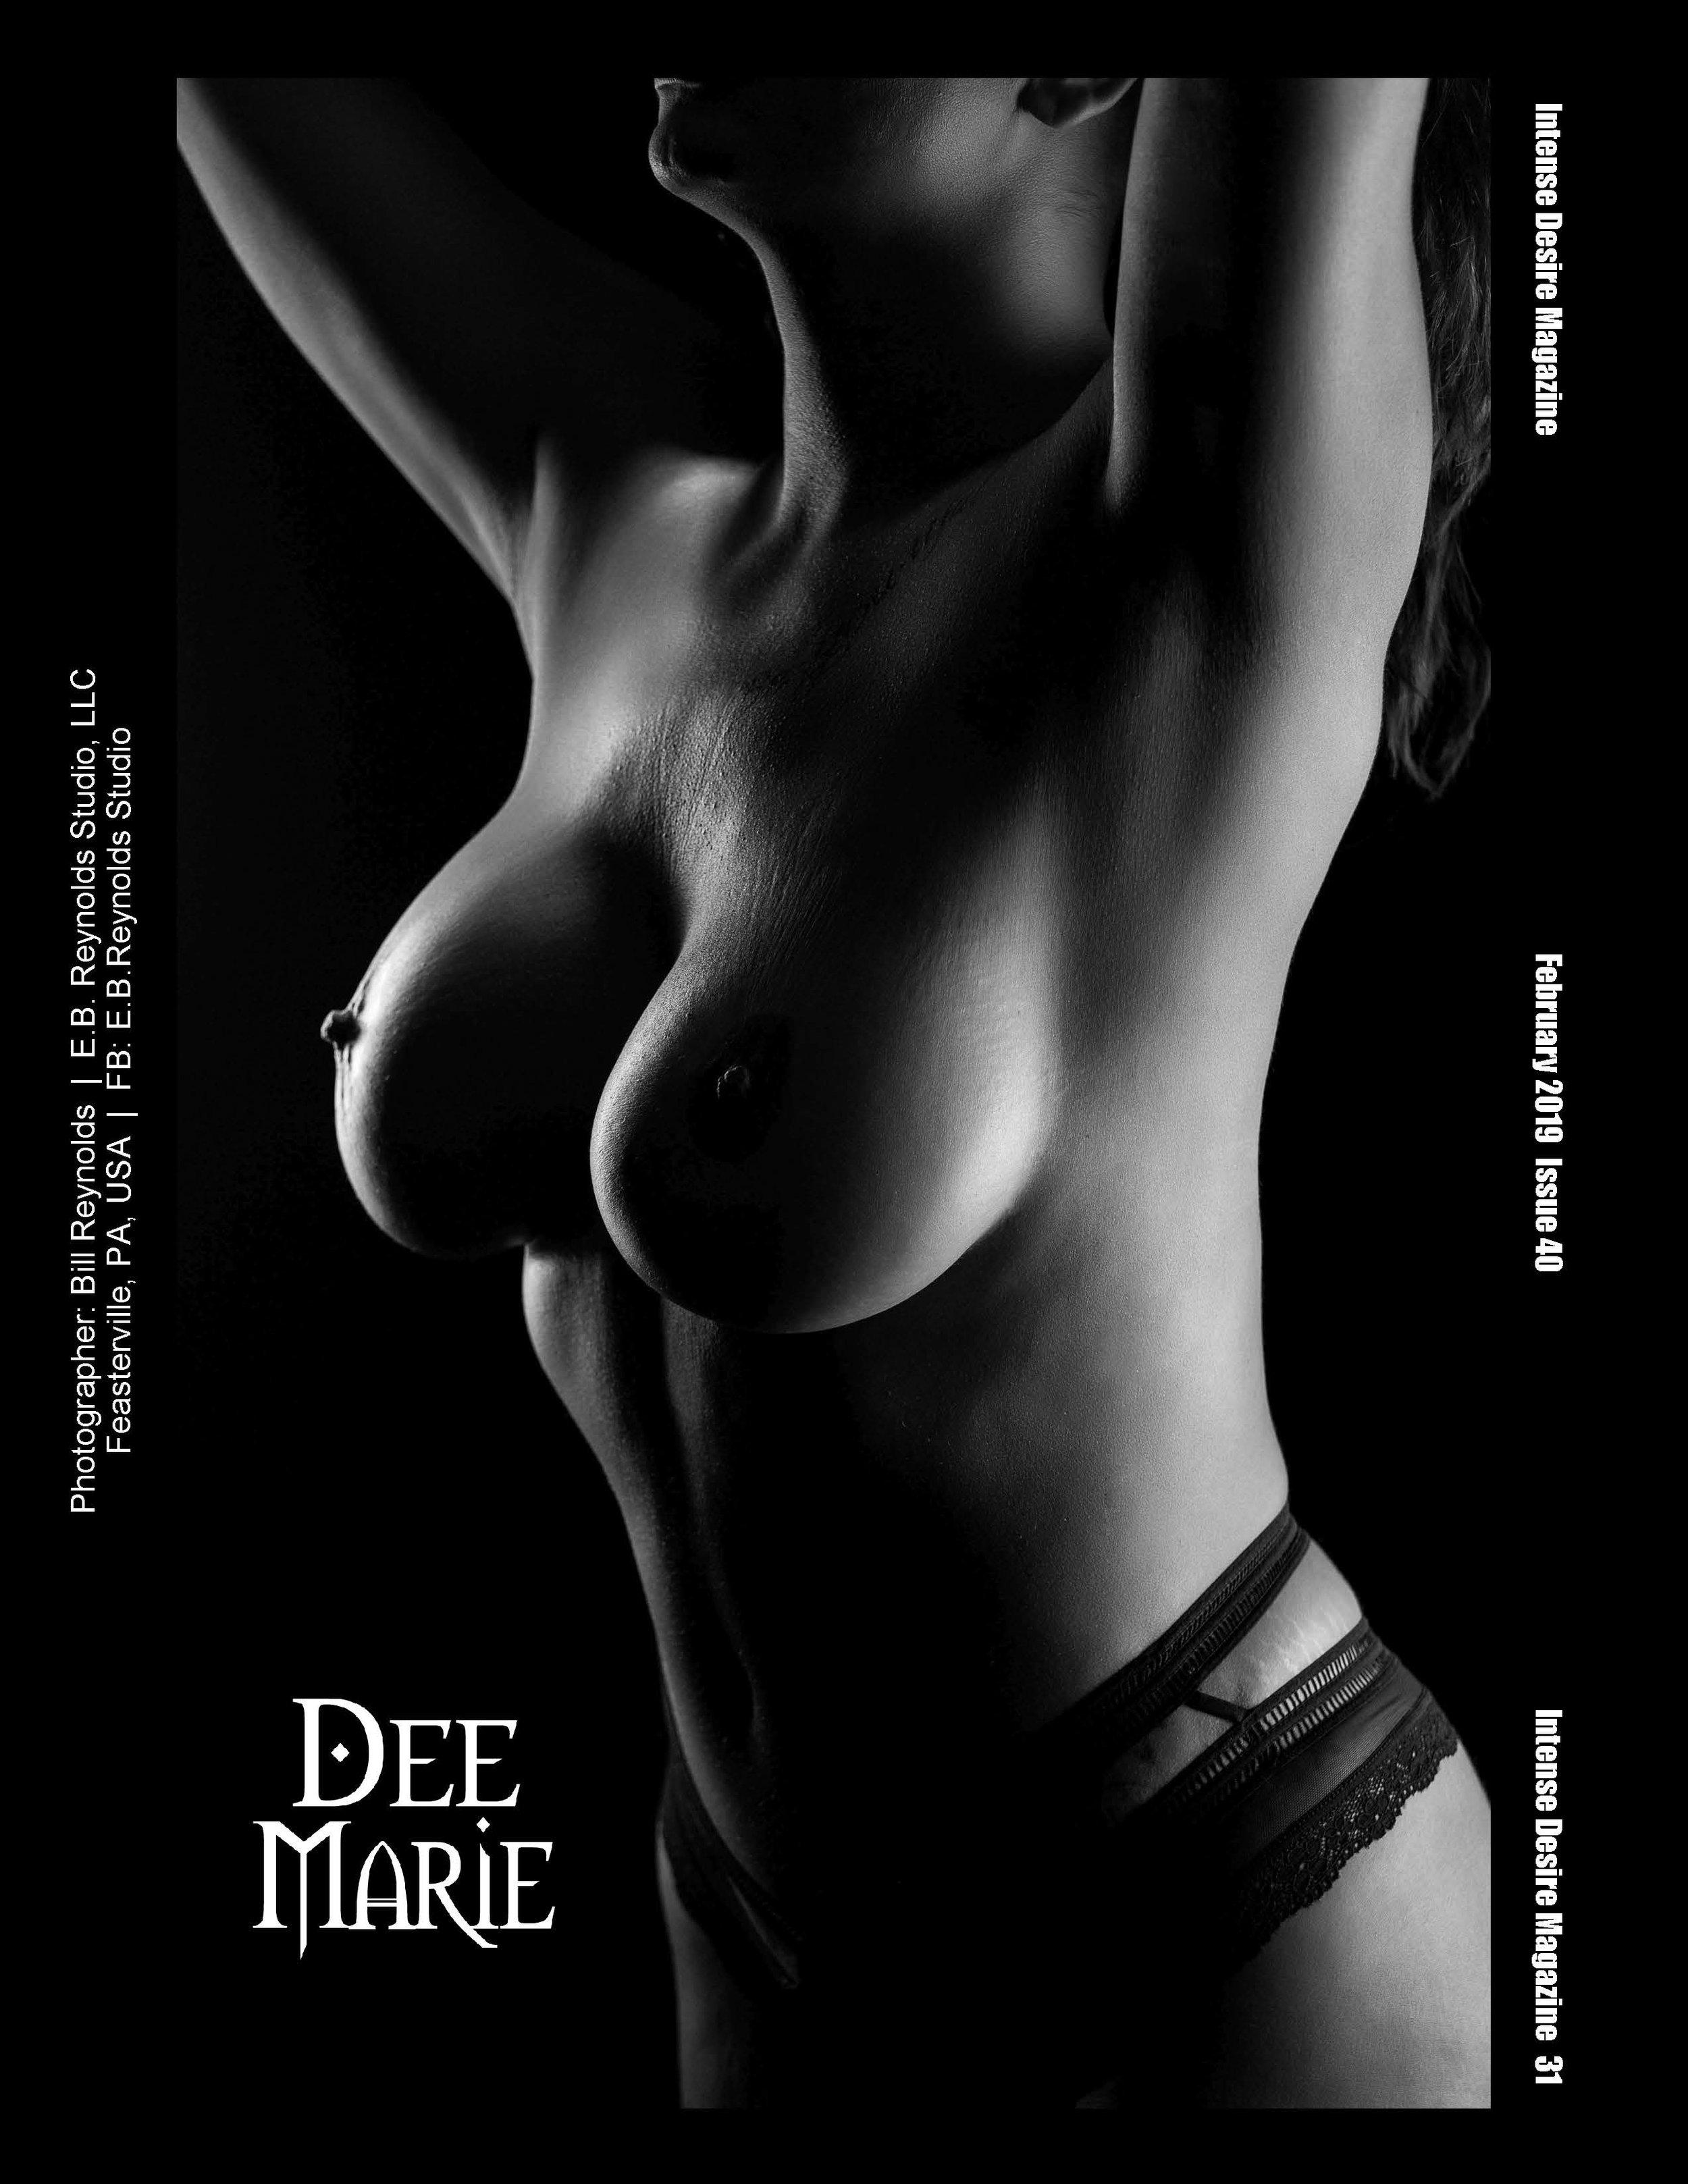 Copy of Model Dee Marie